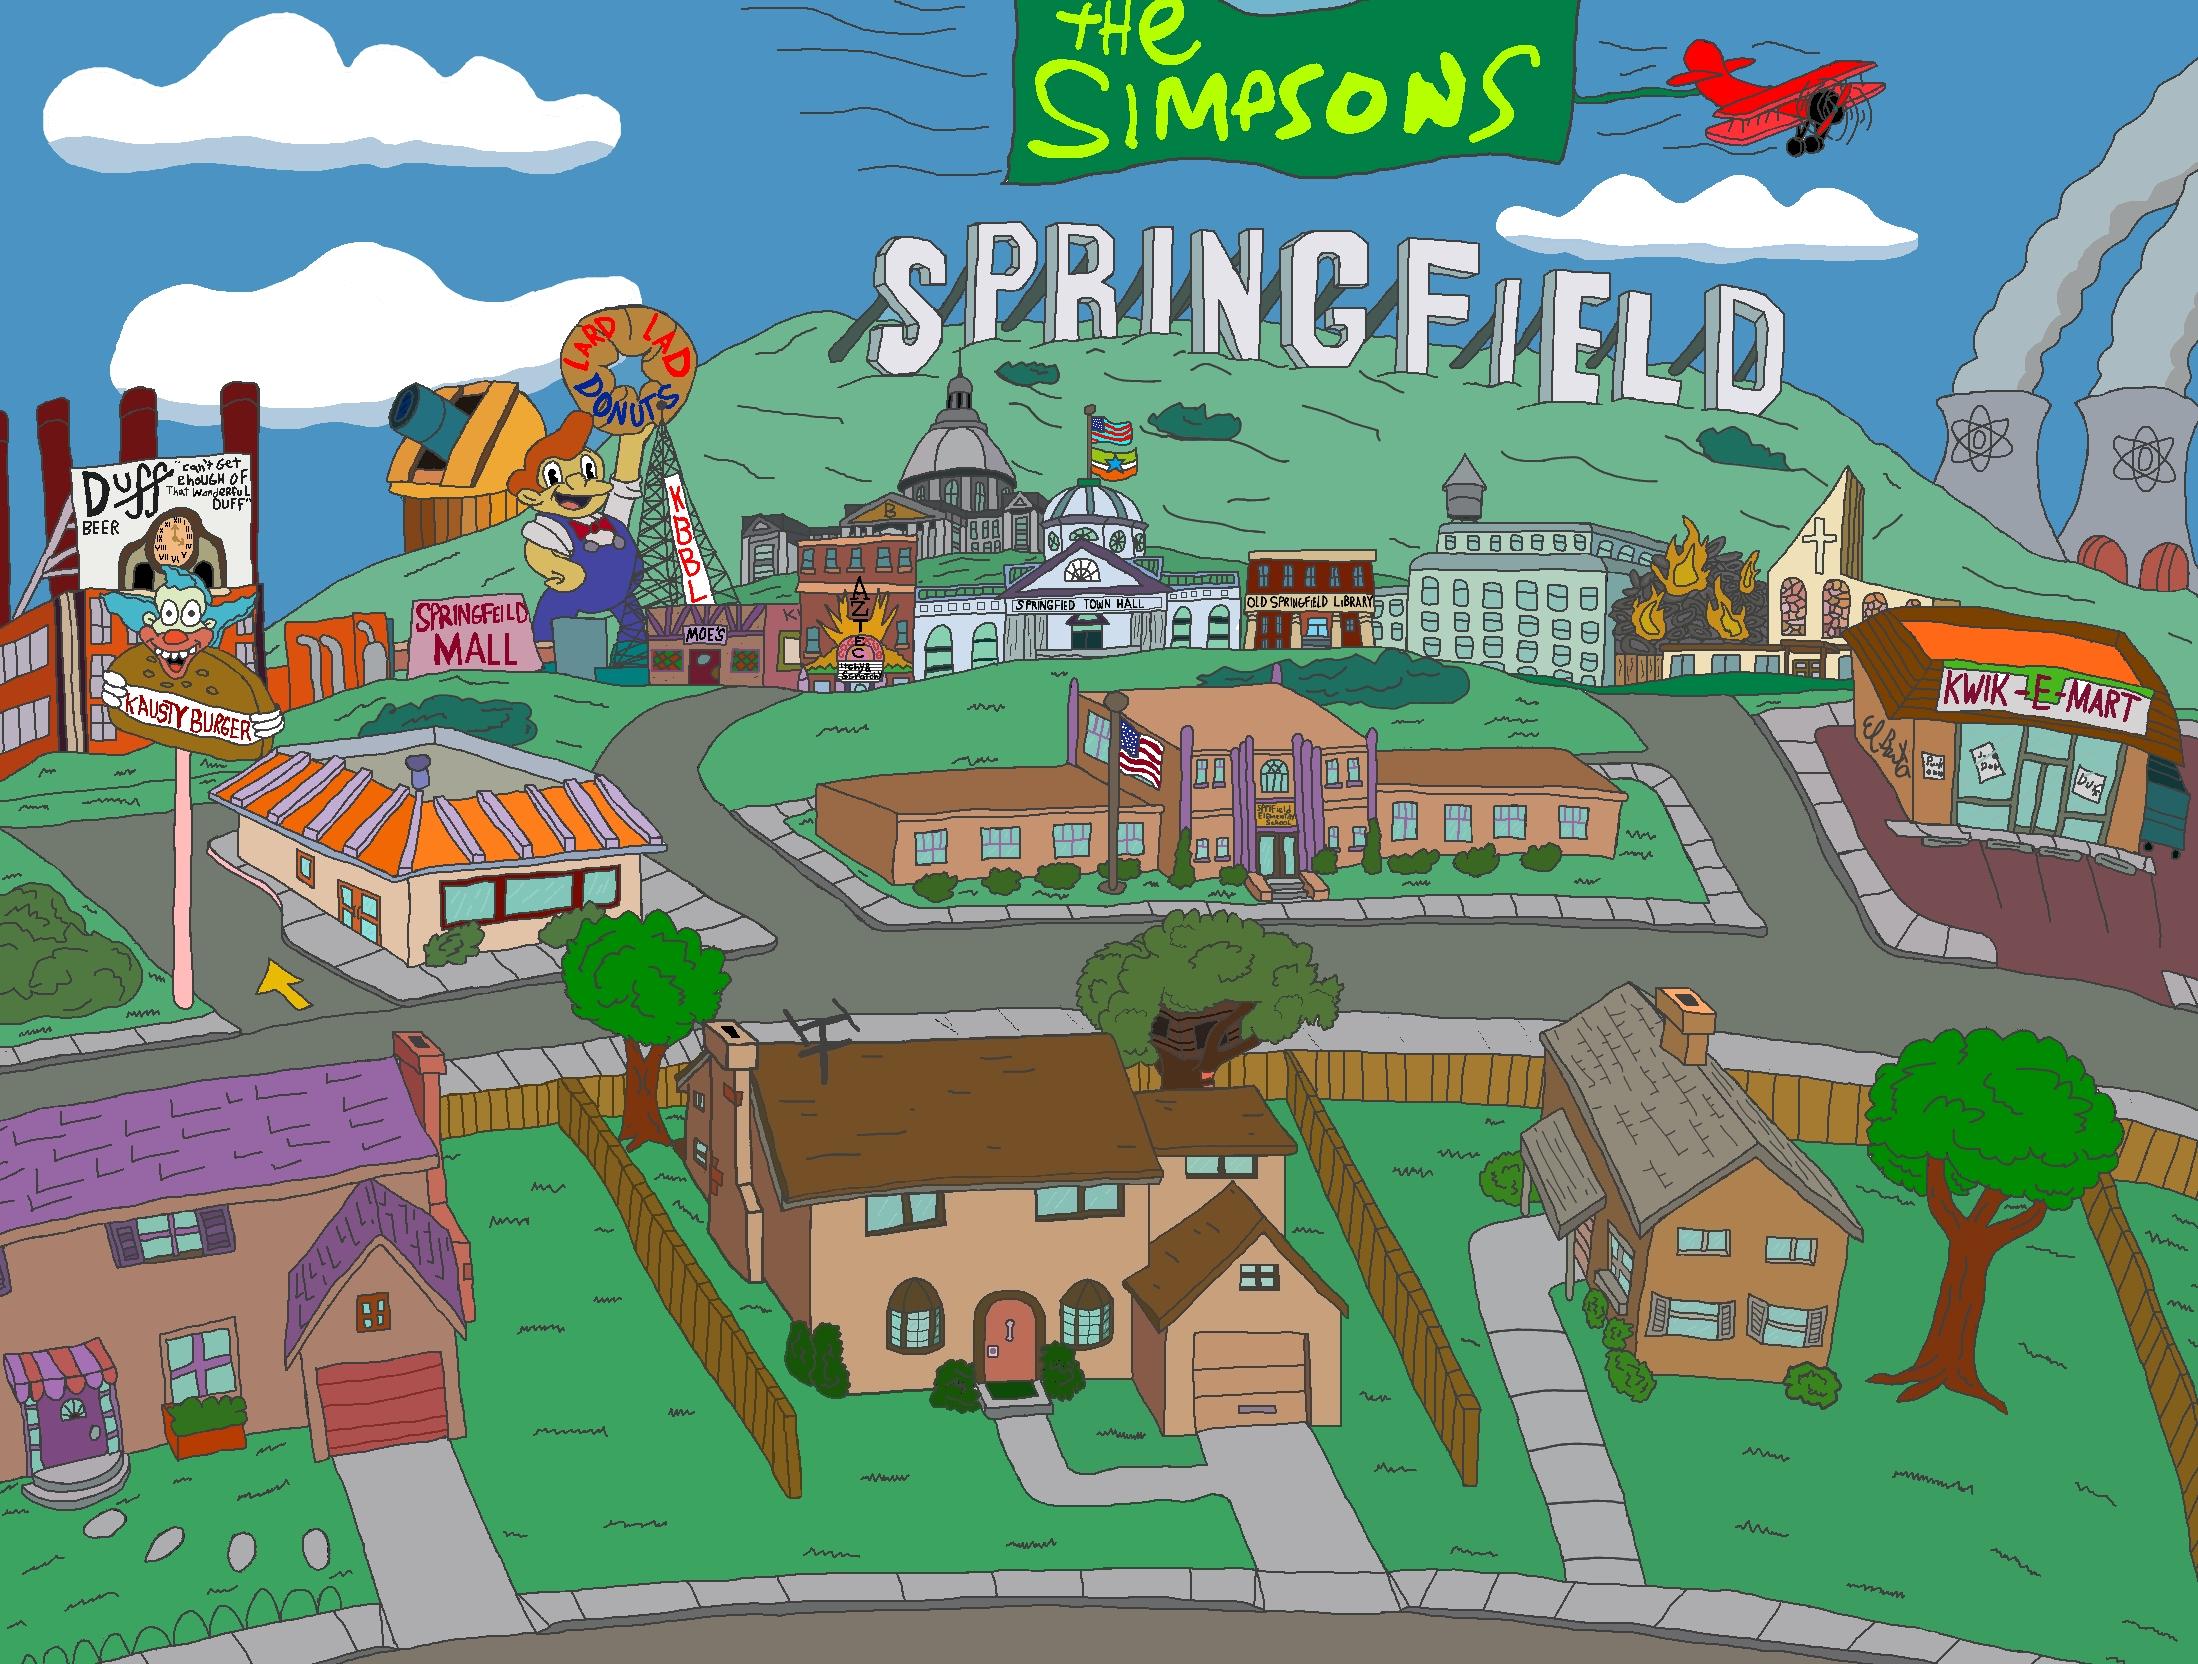 Bild Springfieldjpg Simpsonpedia die gelbste Enzyklopdie1920. ← Wallpaper World Springfield MO